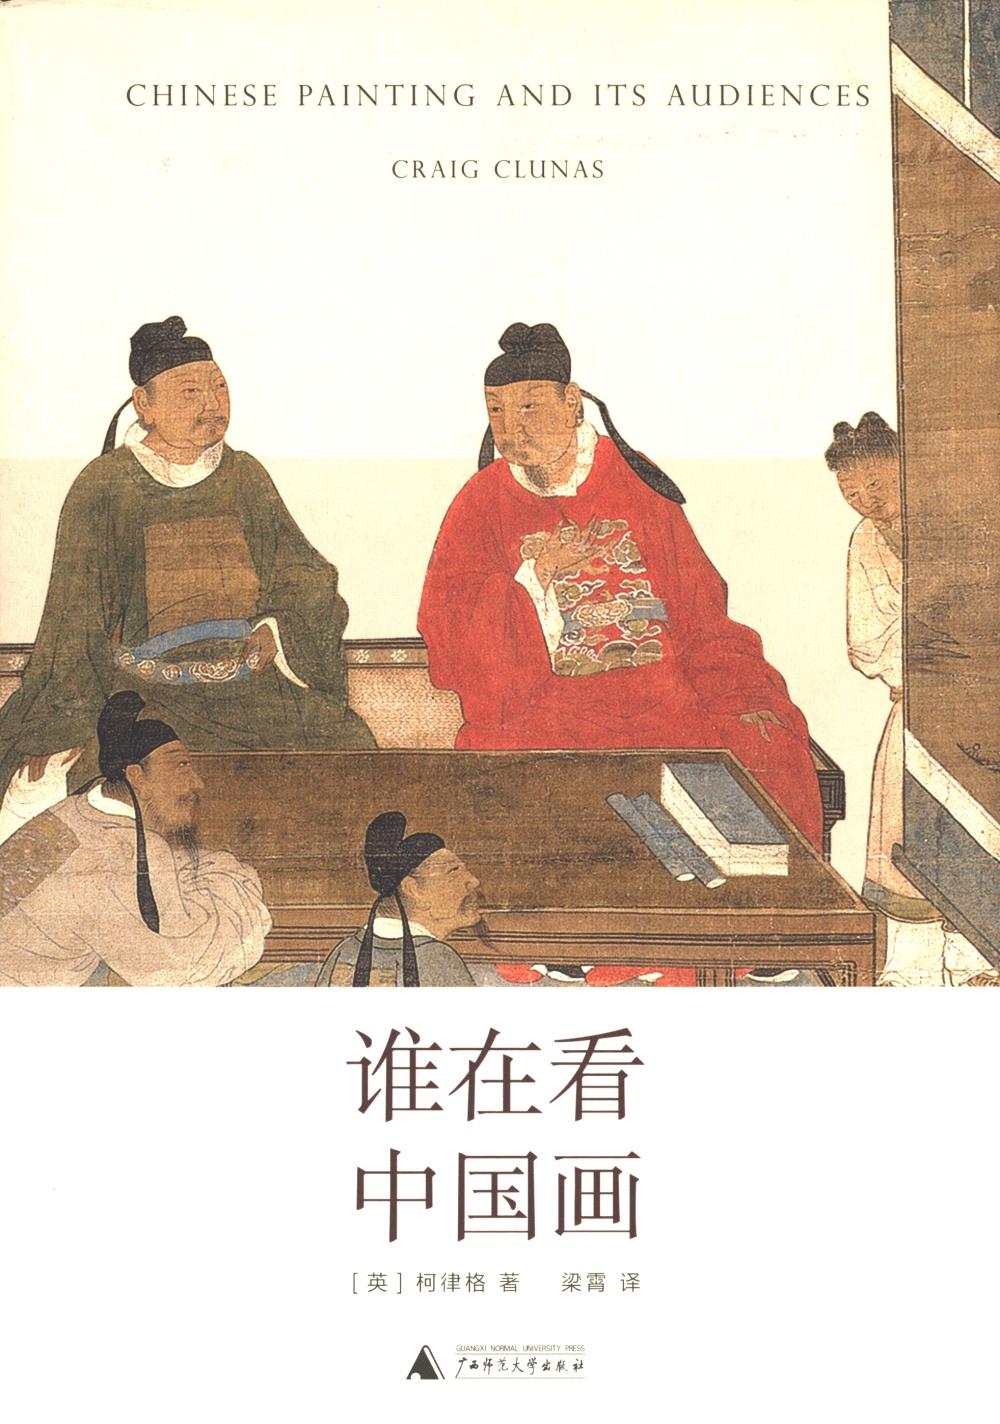 文津书评|《谁在看中国画》 :开放包容的中国传统绘画